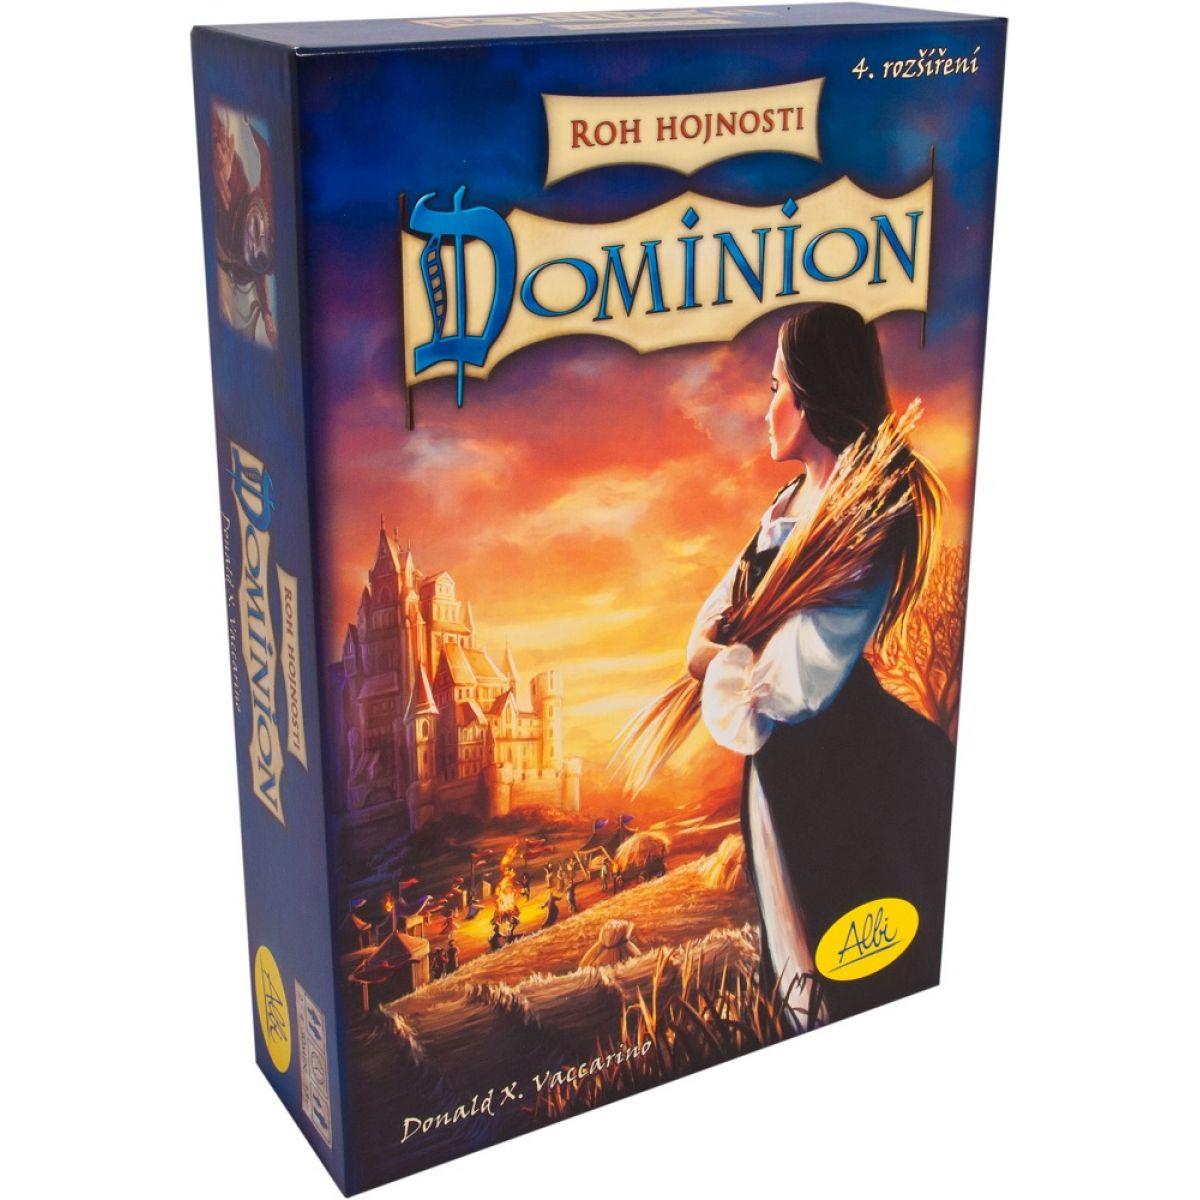 Albi Dominion: Roh hojnosti